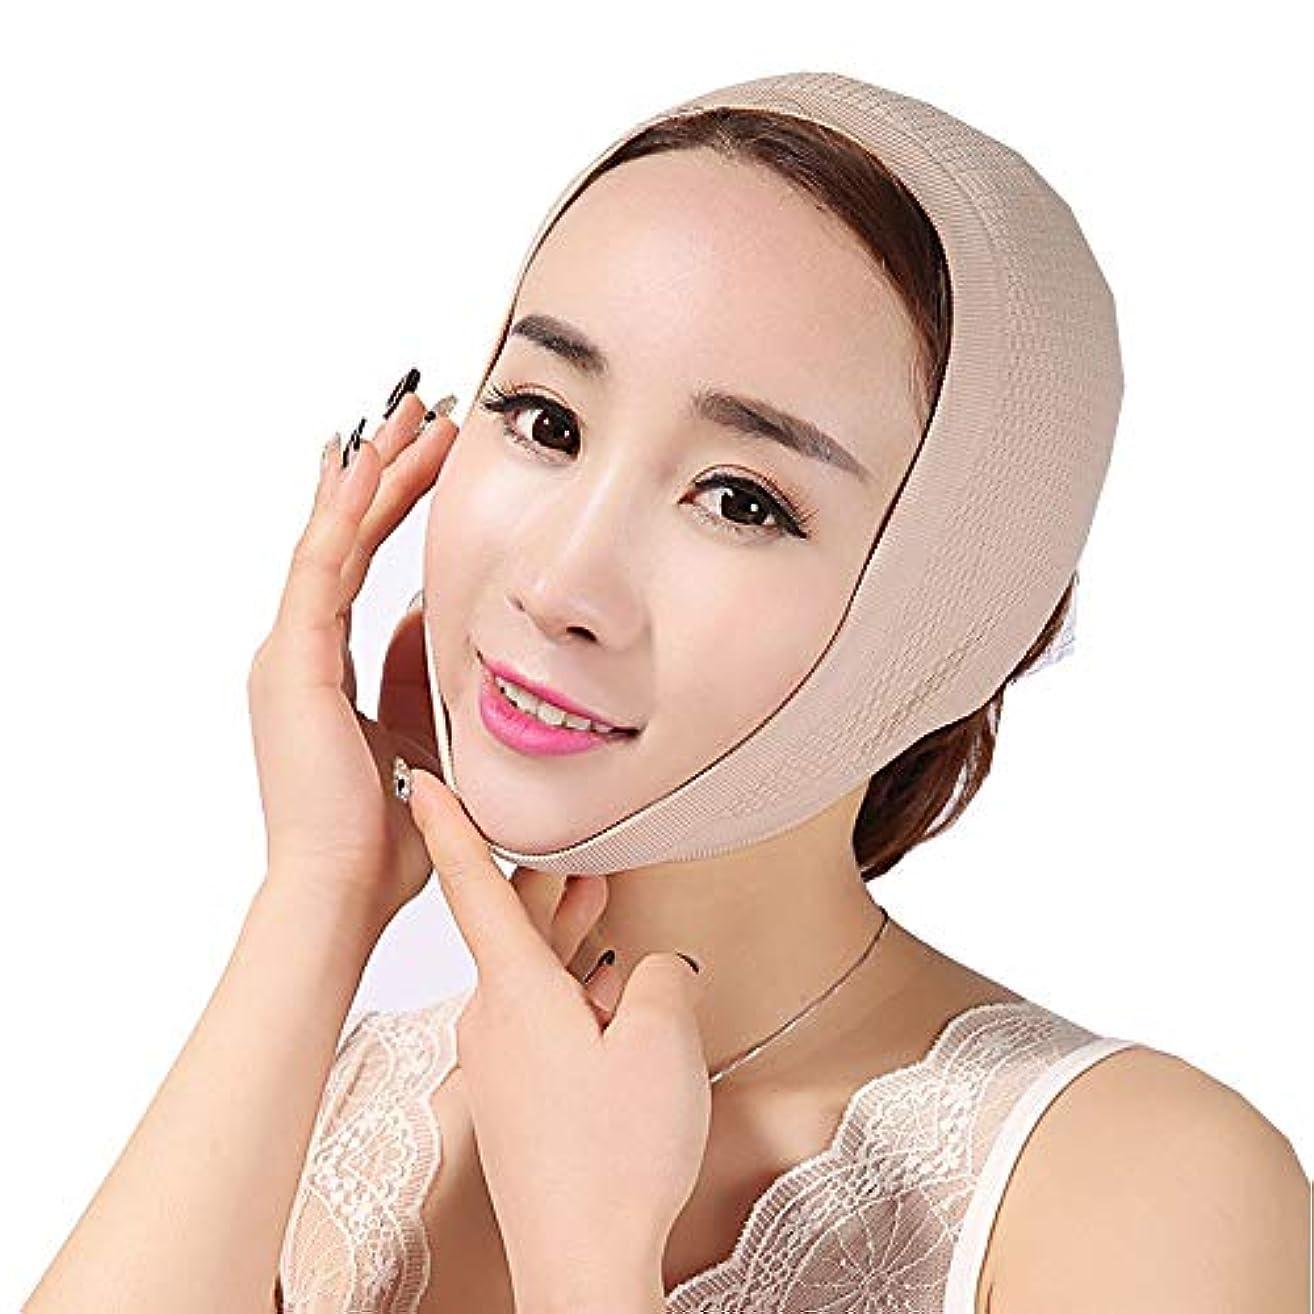 フェイスマスクで眠る薄い顔フェイスリフトフェイスリフトアーティファクトスモールフェイスVフェイスリフト付きフェイスフェイス包帯引き上げジョーセット